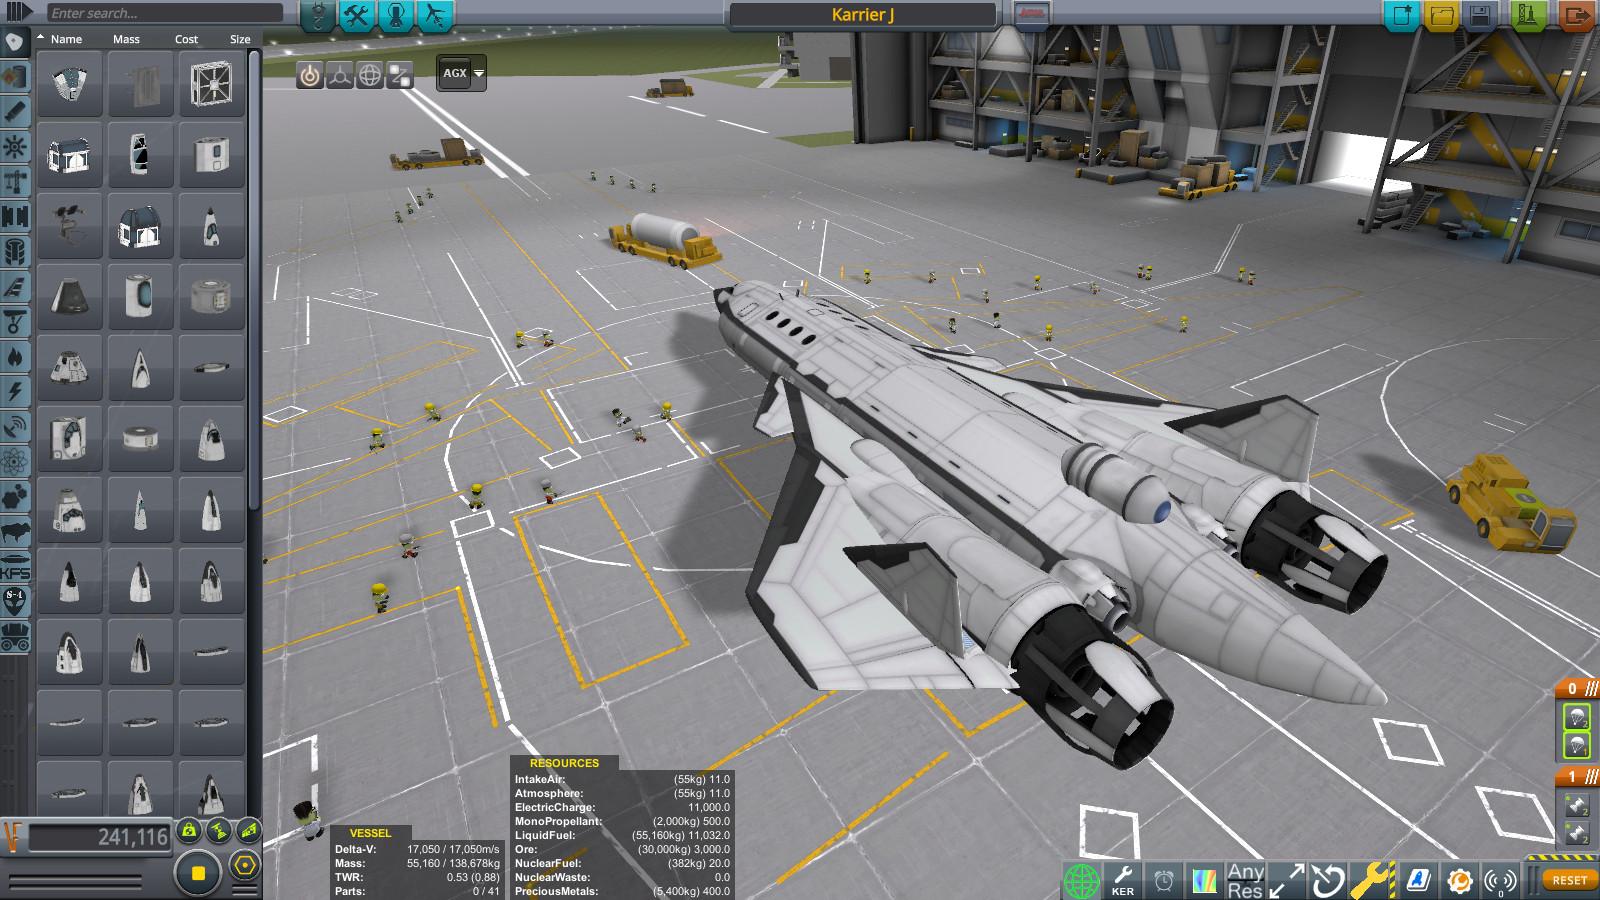 Honeyview_screenshot338.jpg